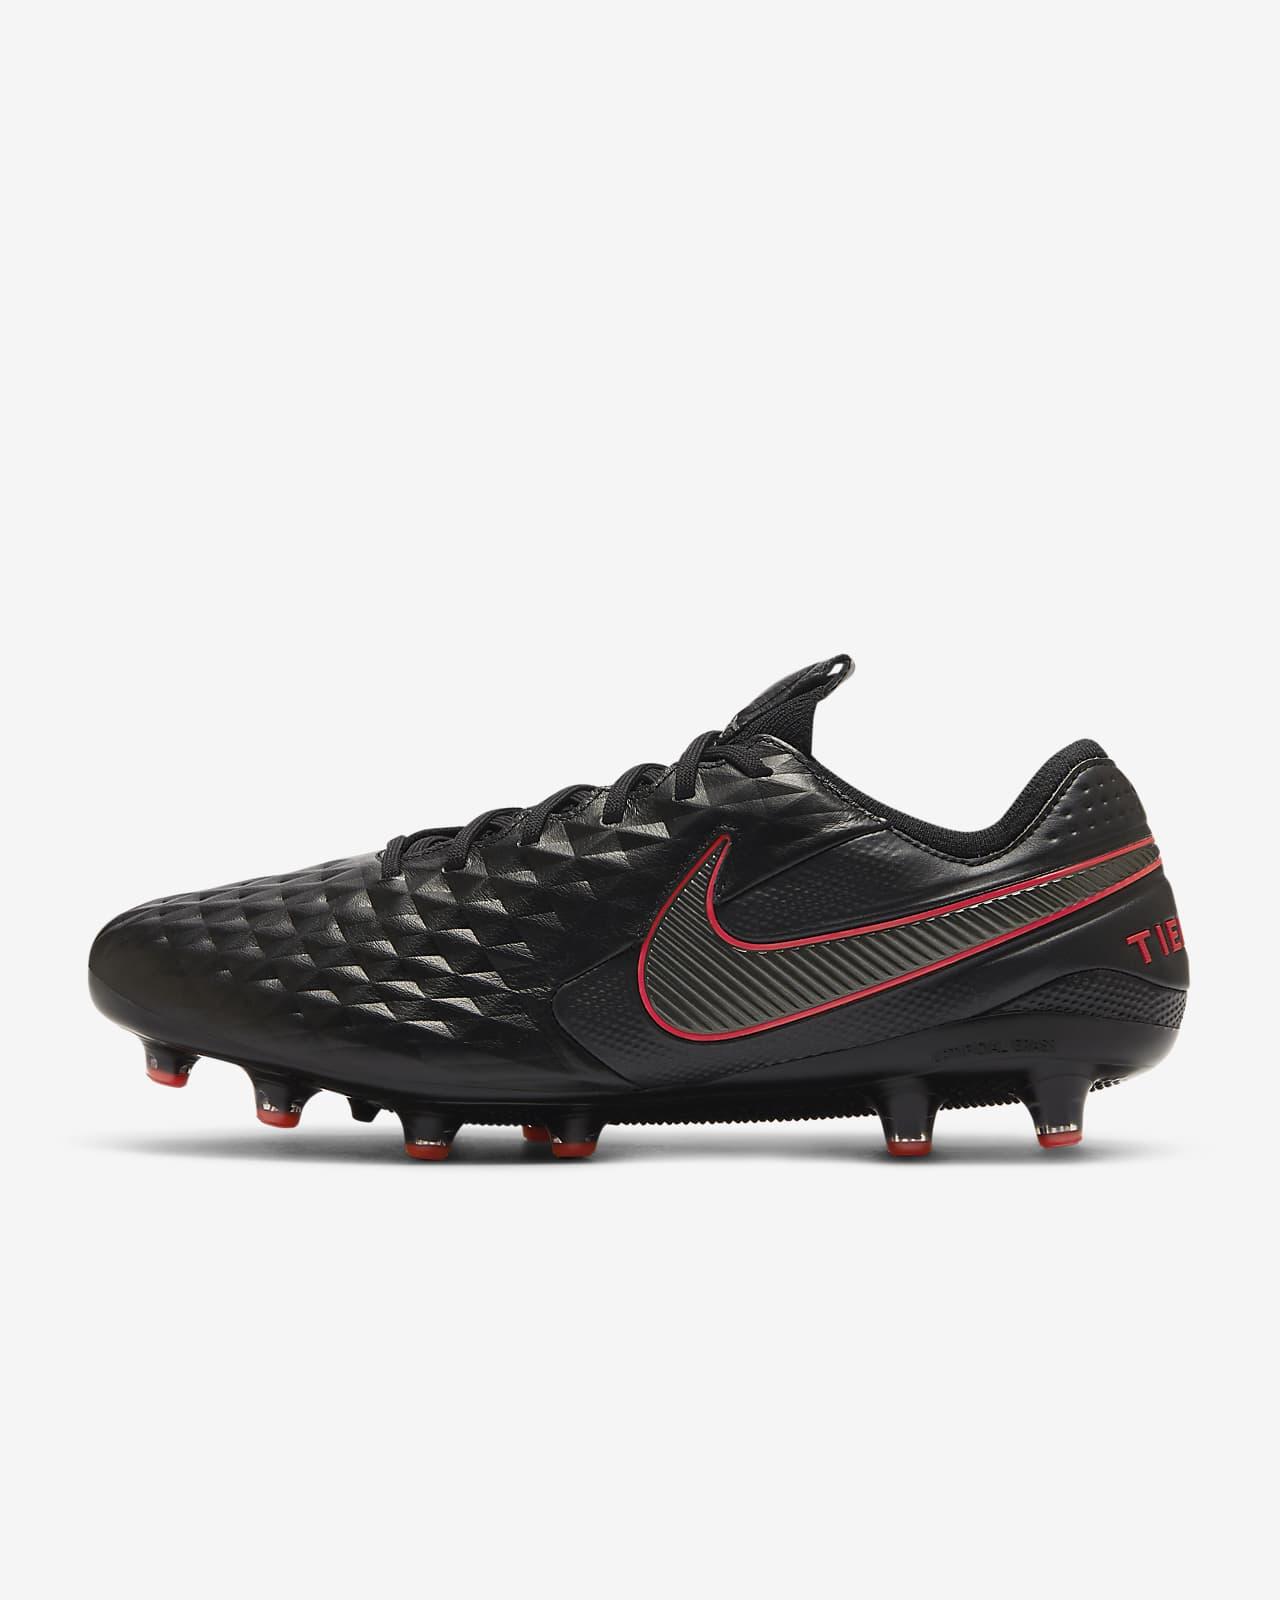 Nike Tiempo Legend 8 Elite AG-PRO-fodboldstøvle (kunstgræs)